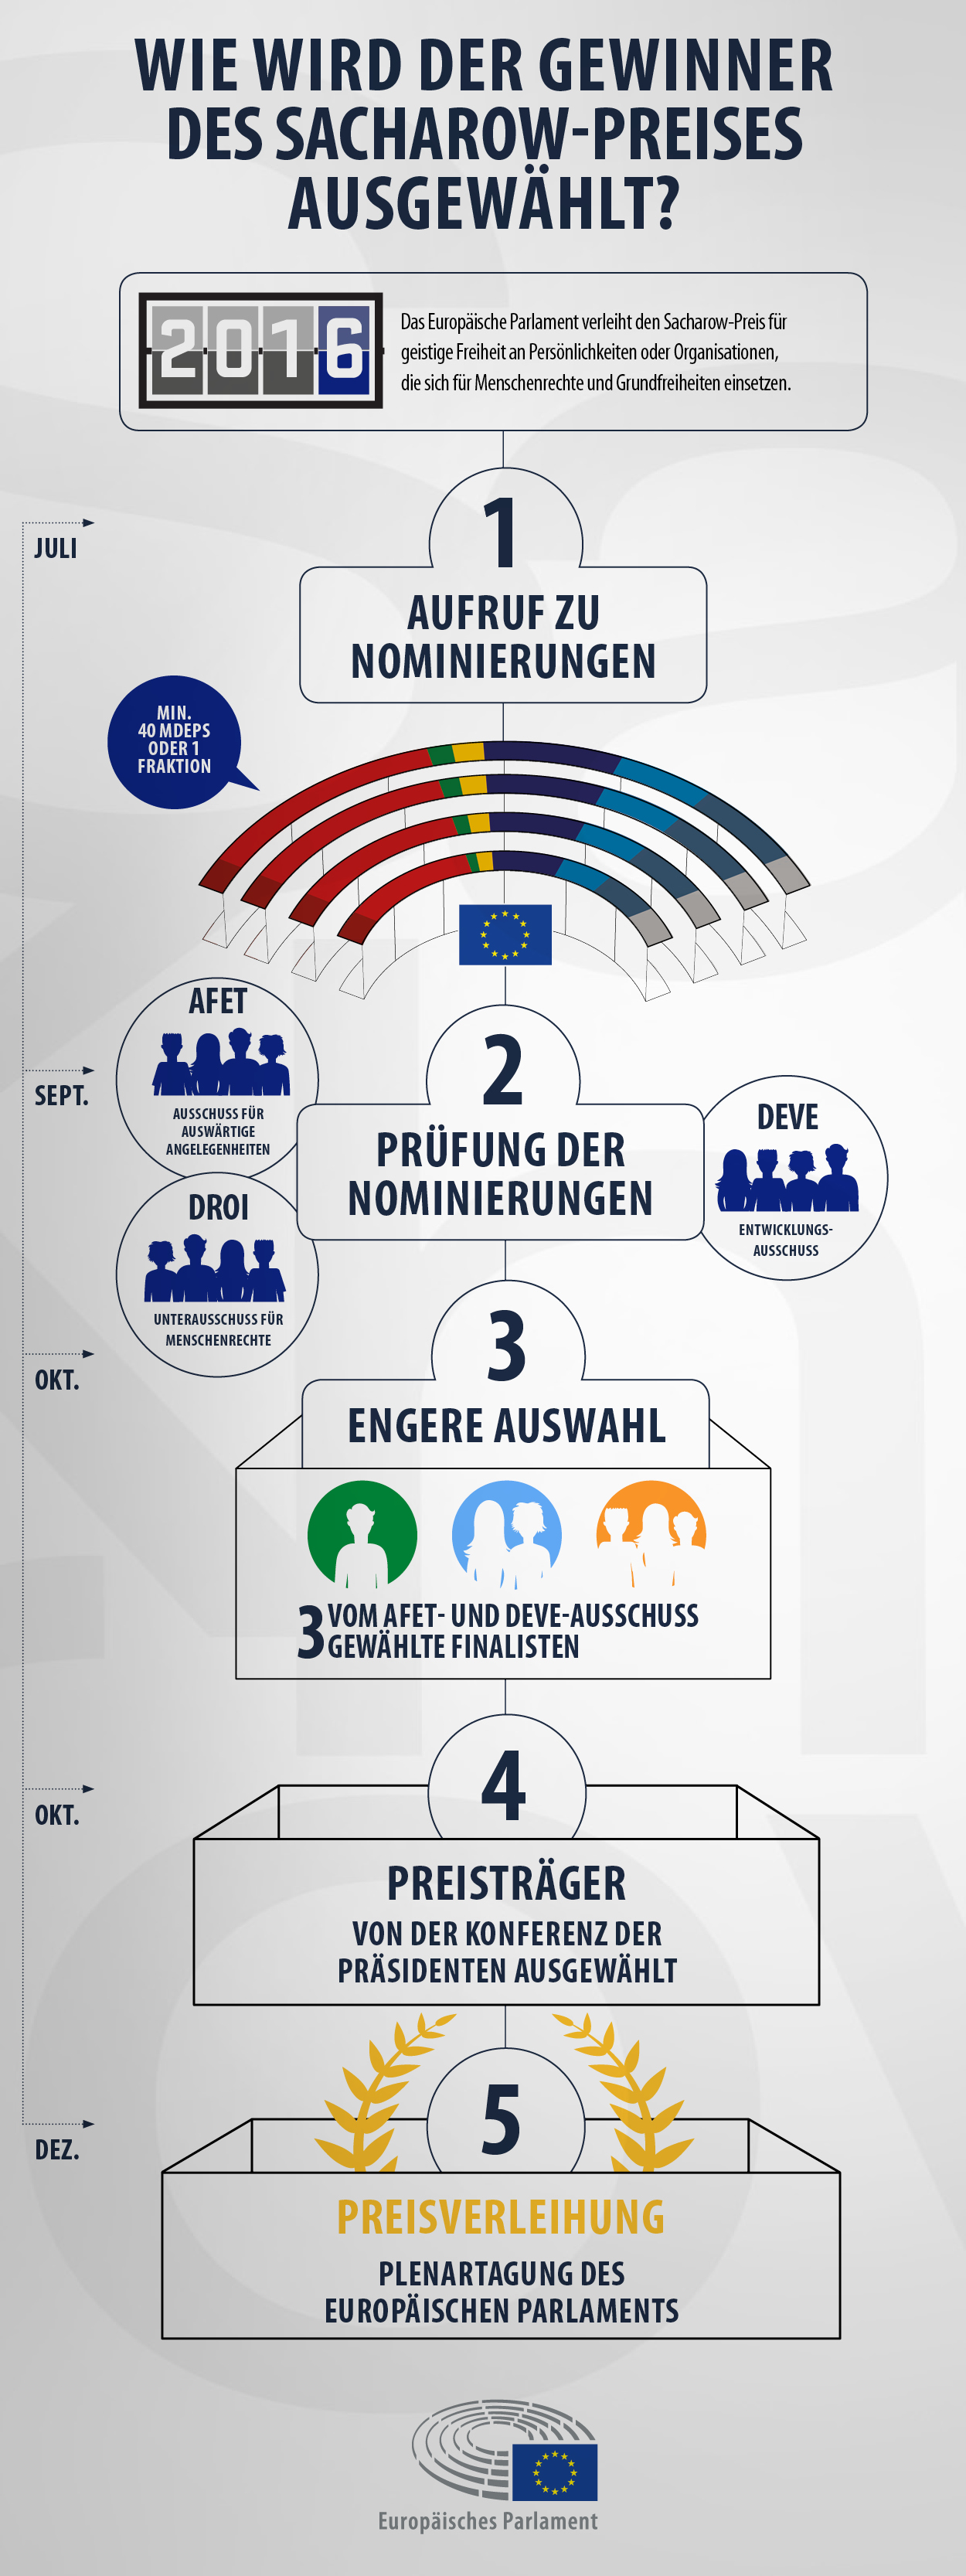 Infografik: Wie werden die Preisträger ausgewählt?